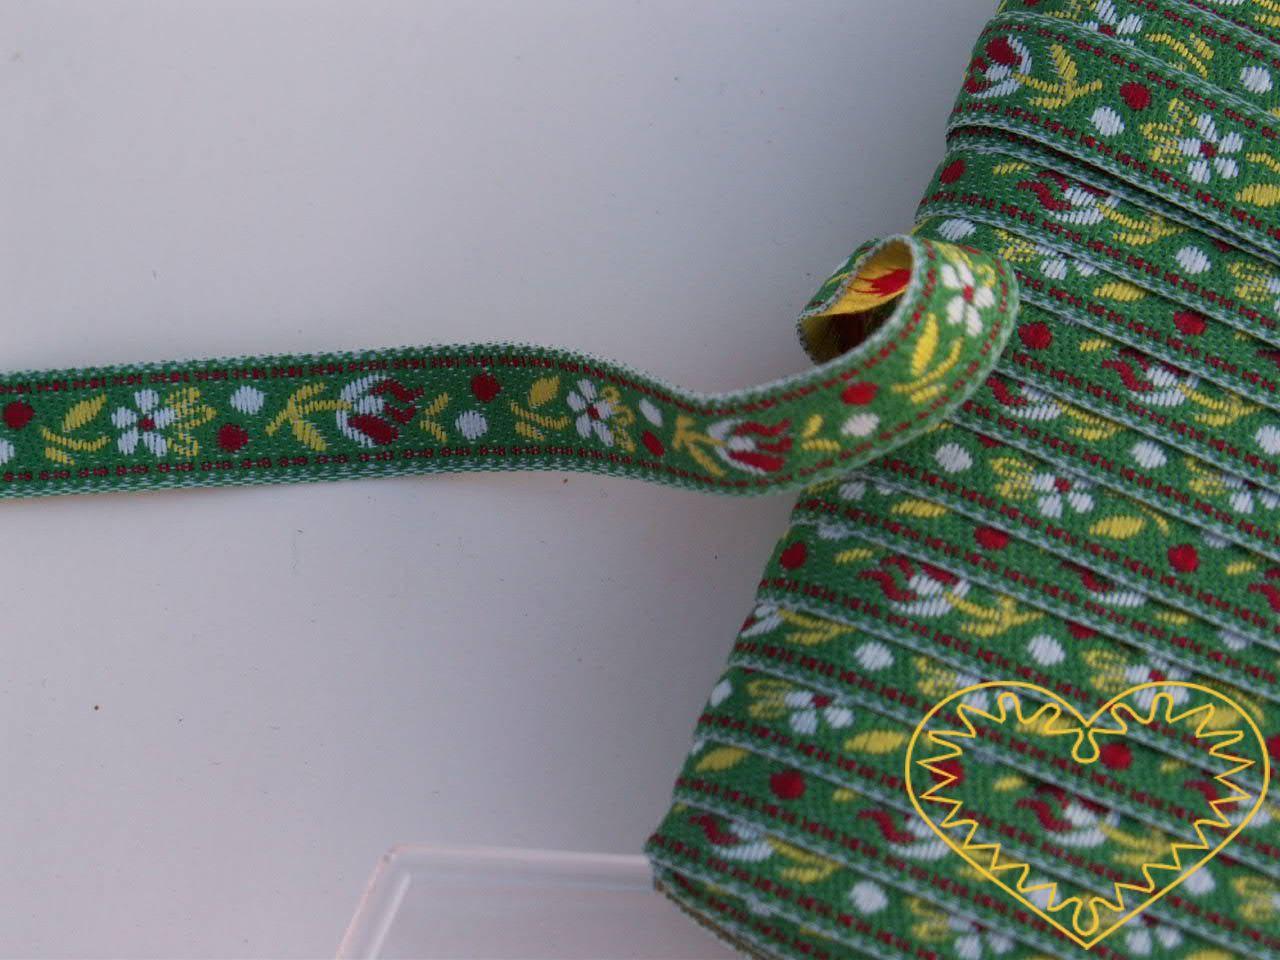 Úzká zelená krojová stuha se vzorem - vzorovka - šíře 1 cm. Textilní tkaná stuha s jemným vzorkem je vhodná zvláště při výrobě krojů a předmětů tradiční lidové kultury. Vhodná též k lemování tkanin a šatů panenek a maňásků.